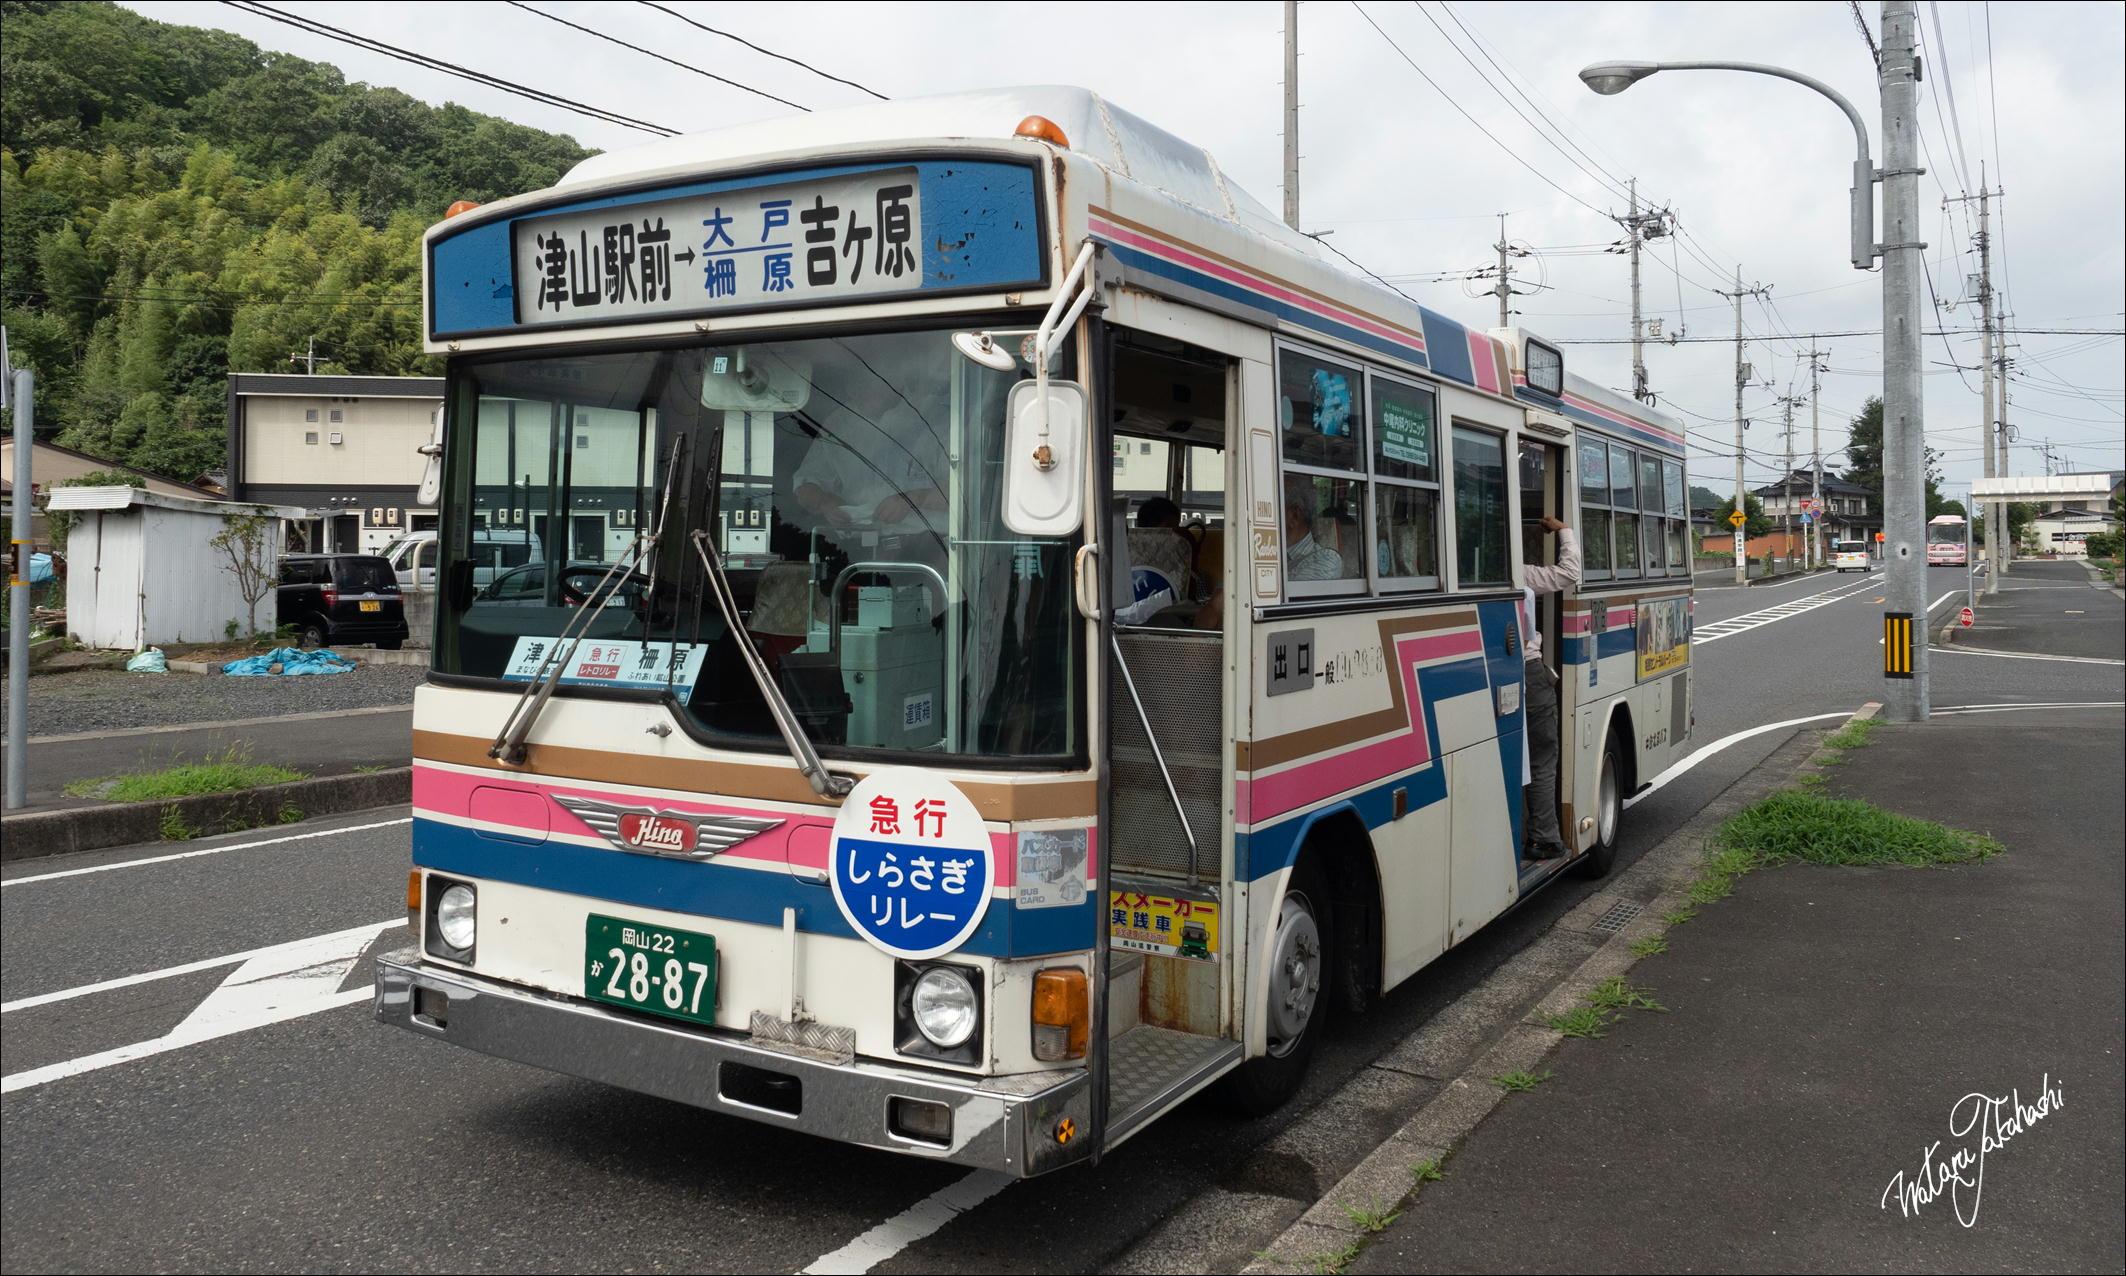 津山・美咲レトロリレーバス「中鉄北部バス日野RJ型」